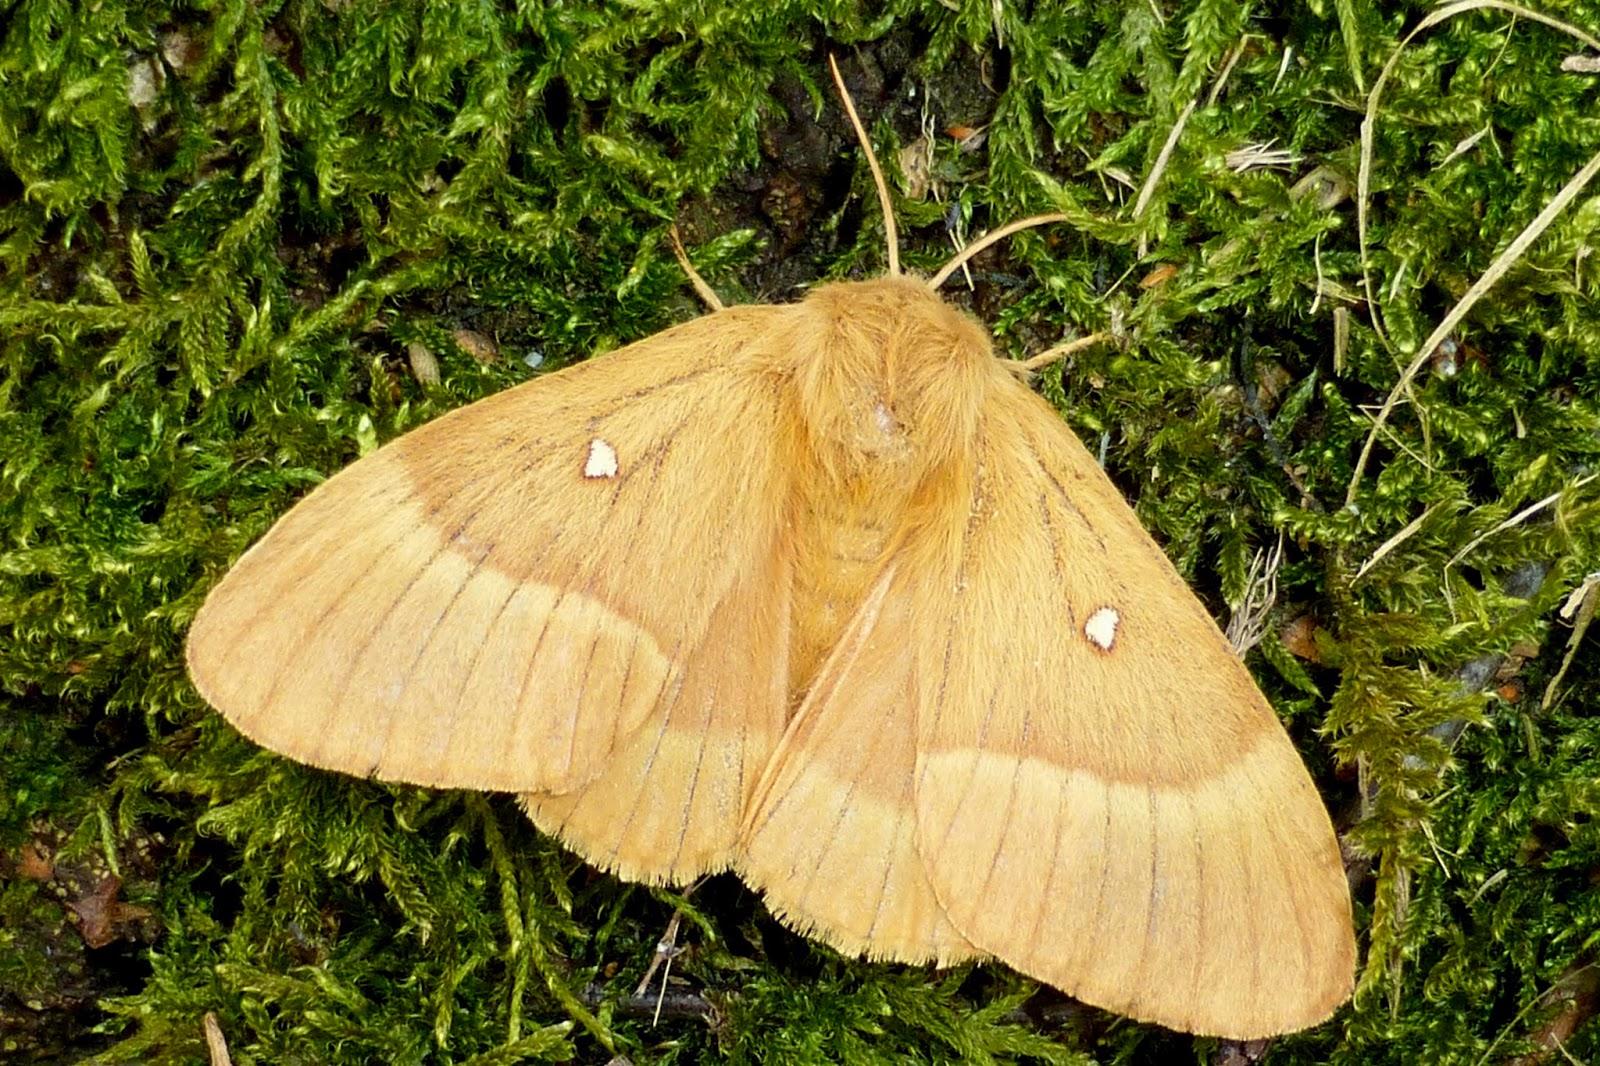 Lasiocampa quercus female